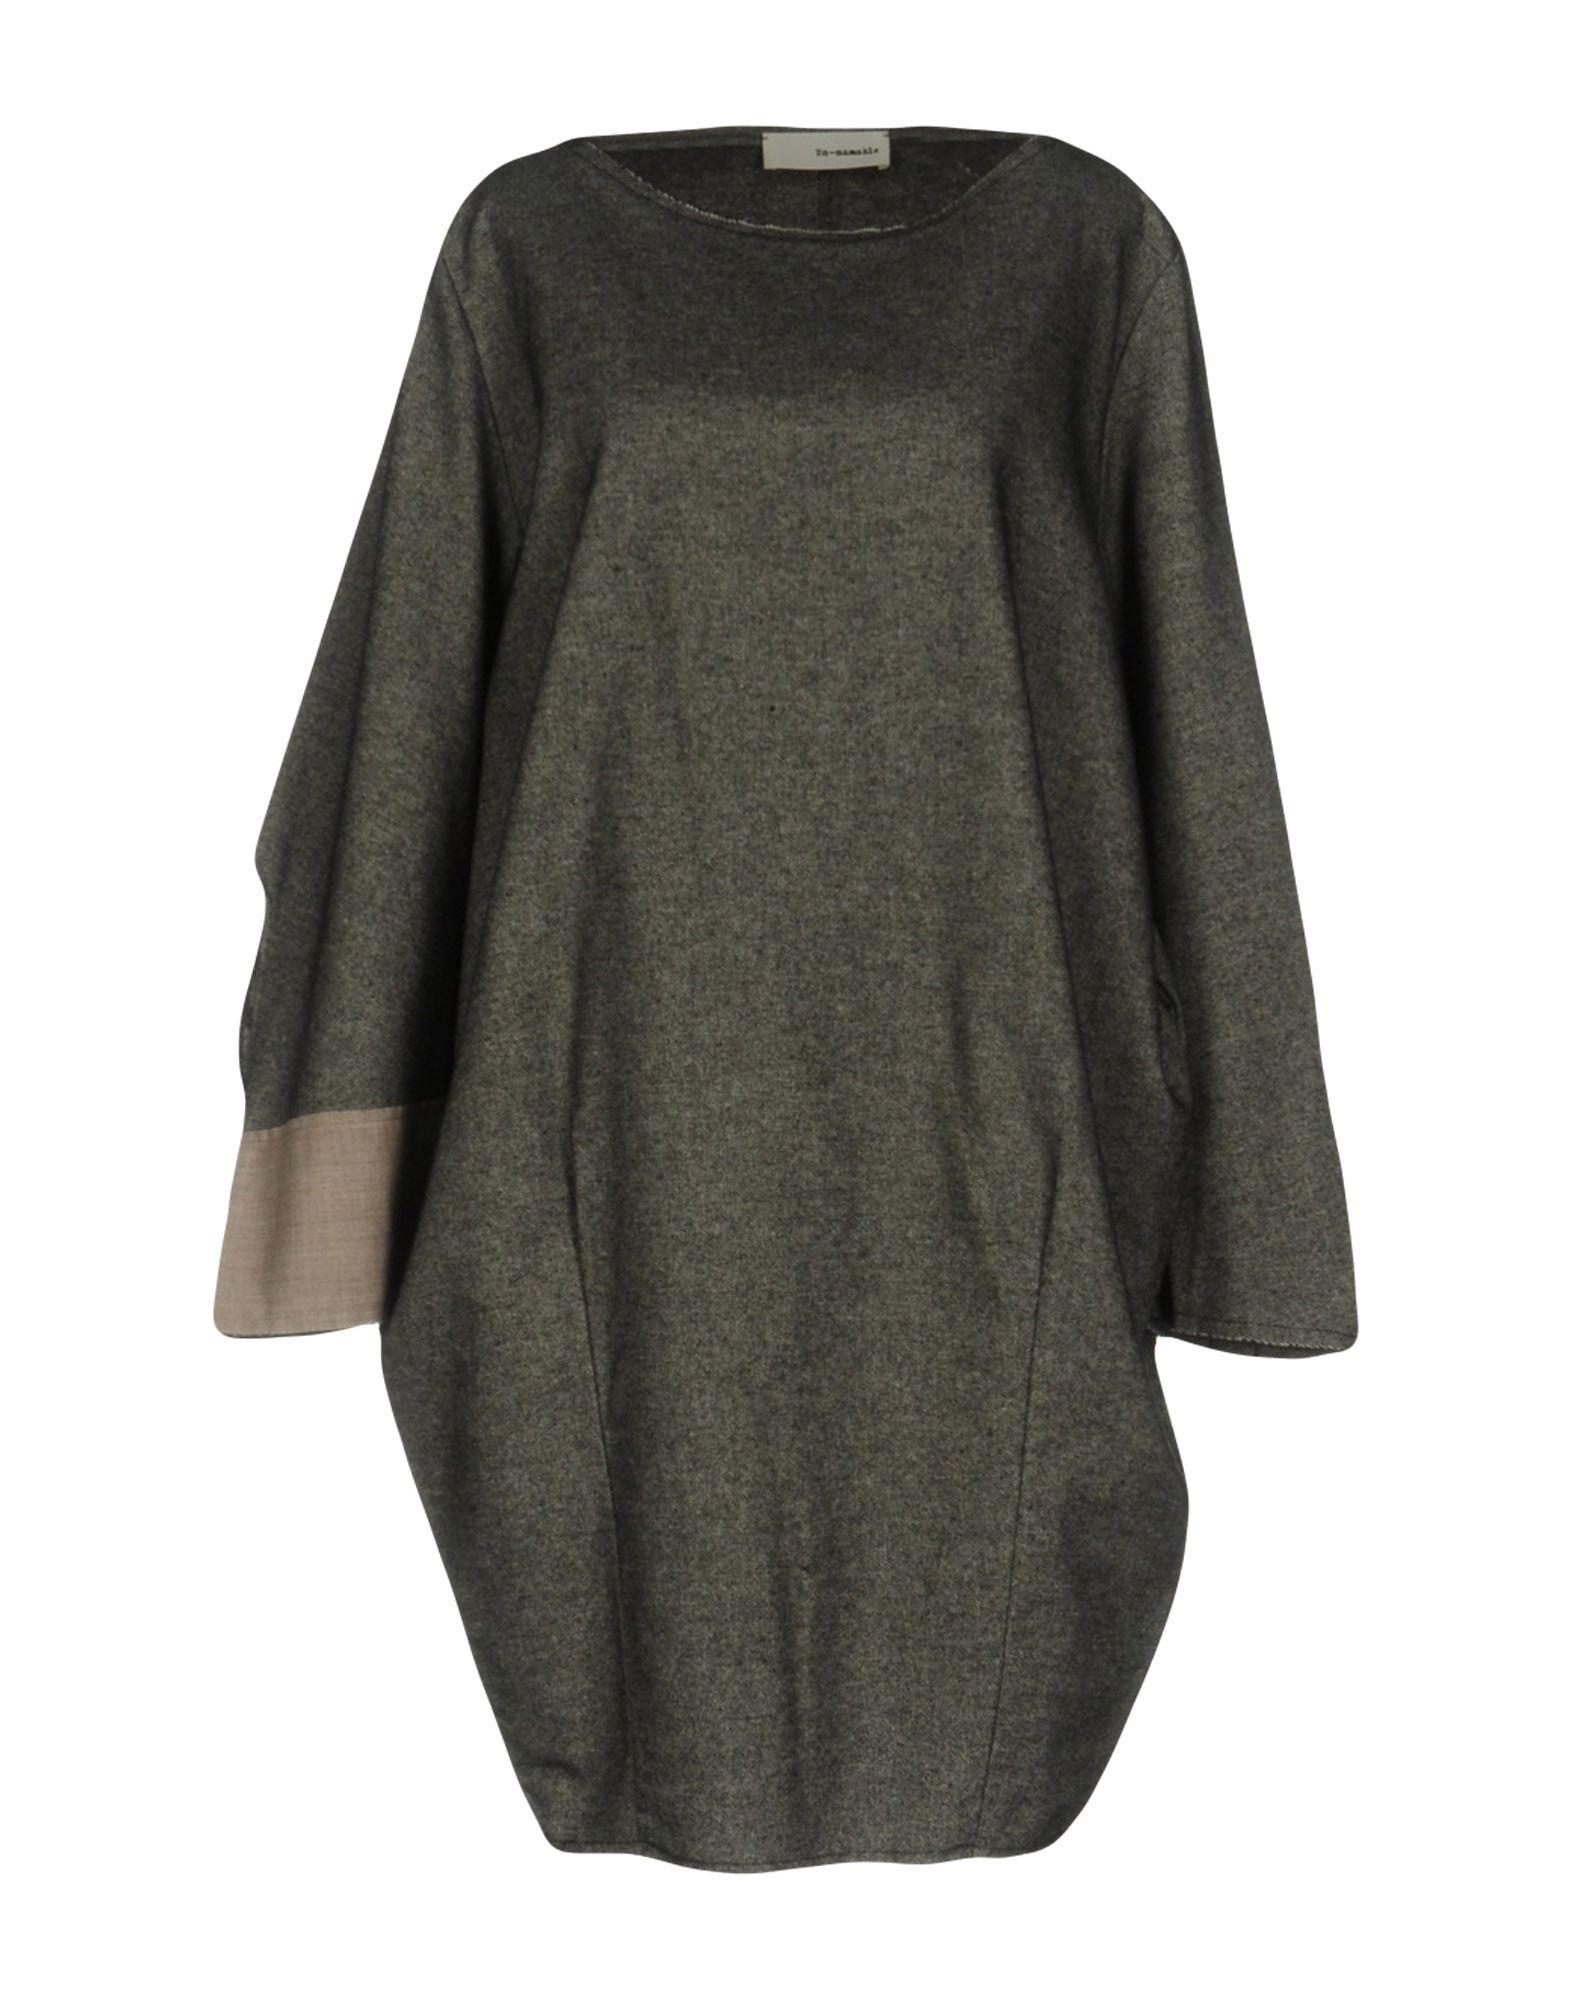 Vestito Corto Un-Namable Donna - Acquista online su f67o39crA